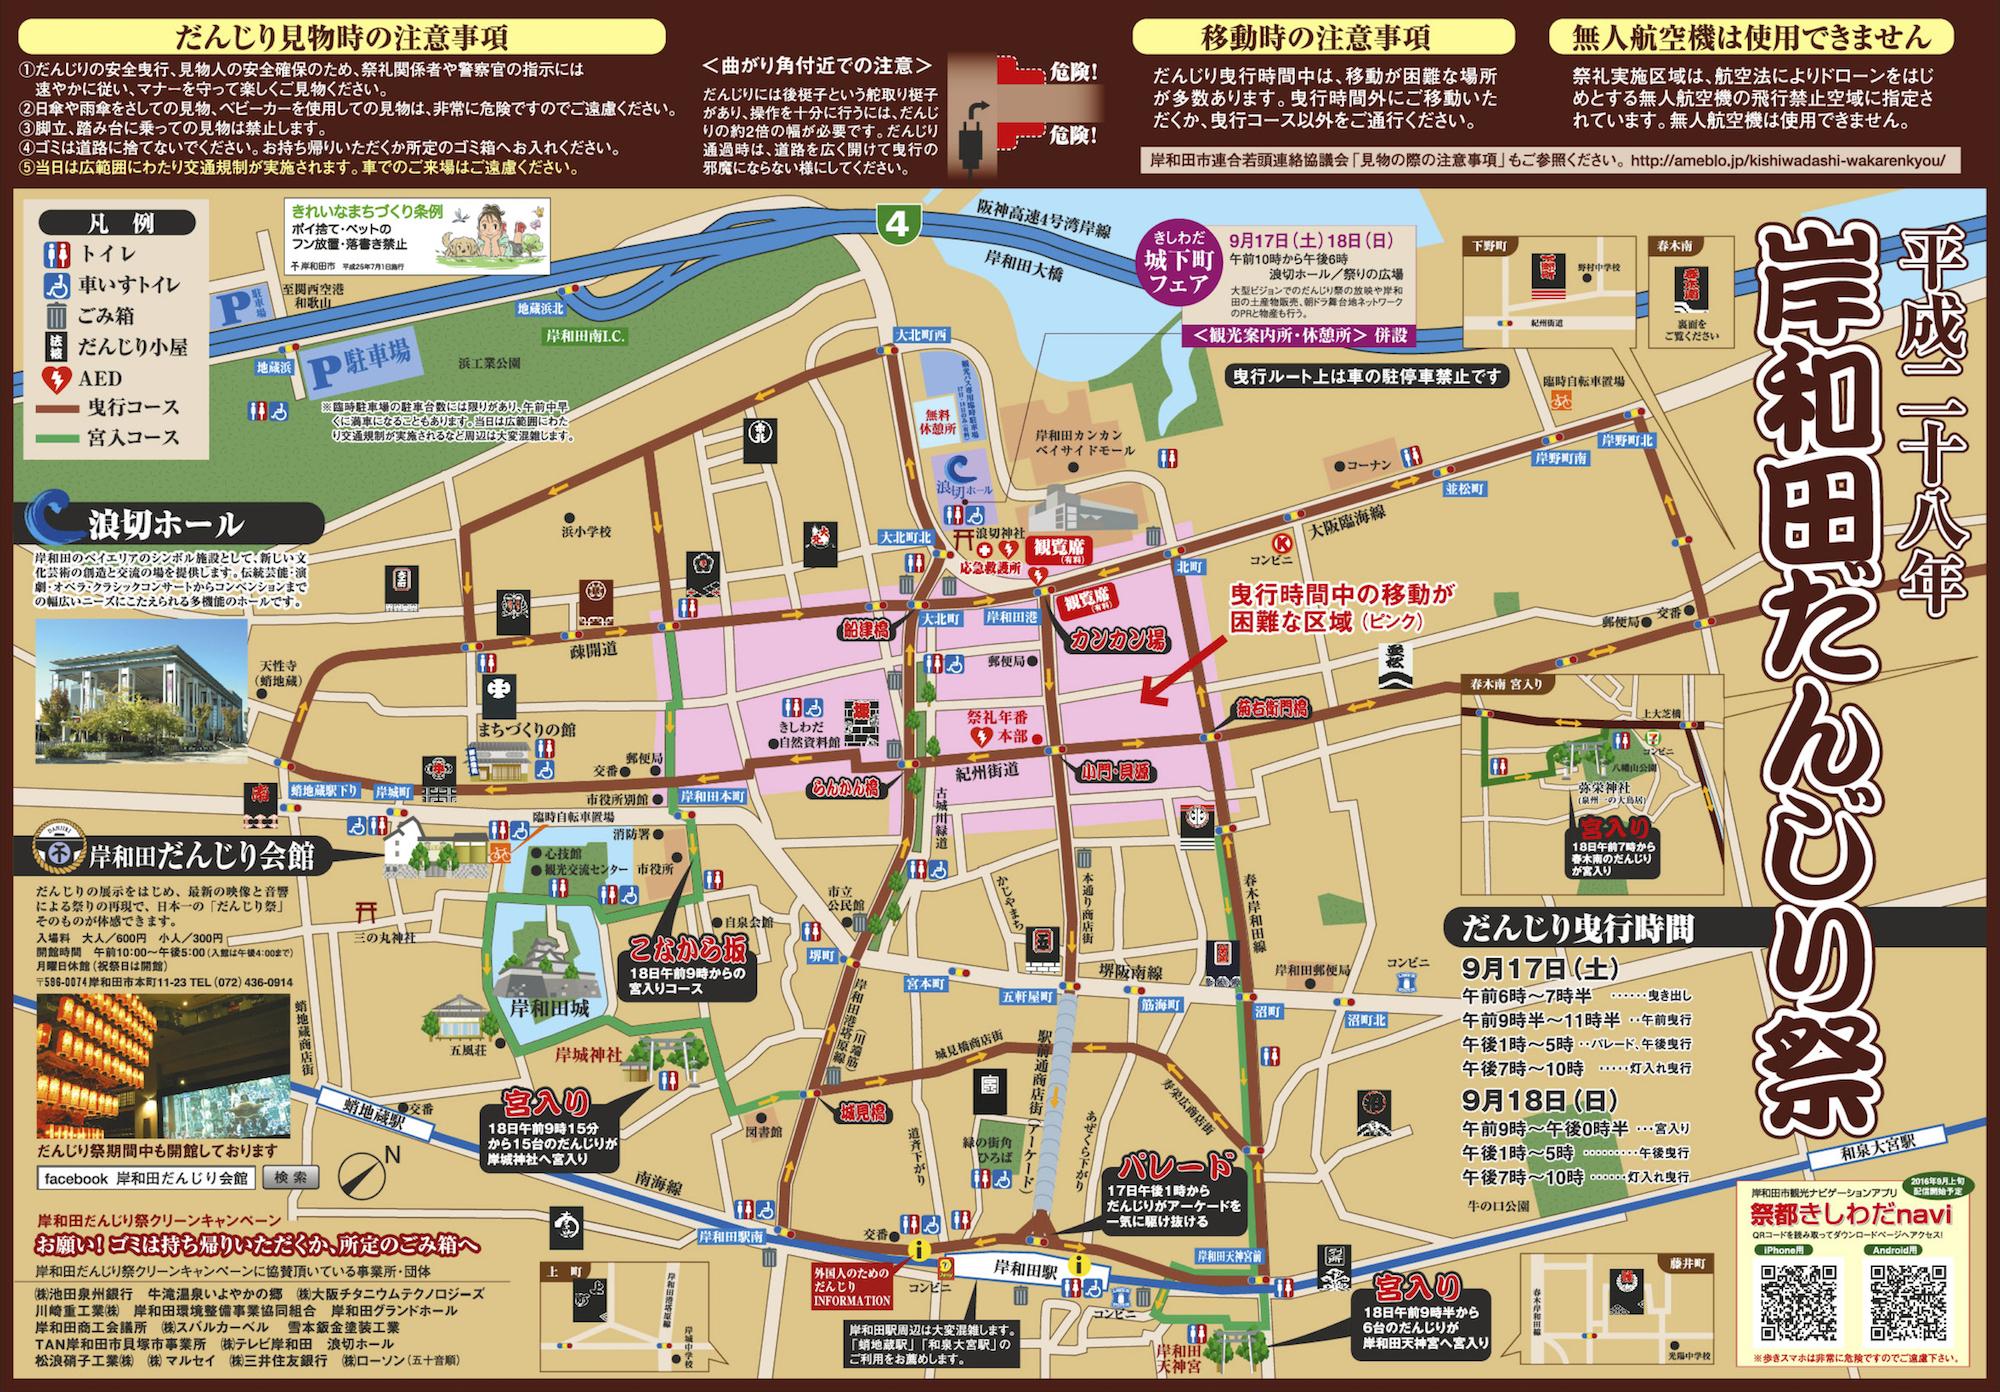 H28岸和田だんじり祭map